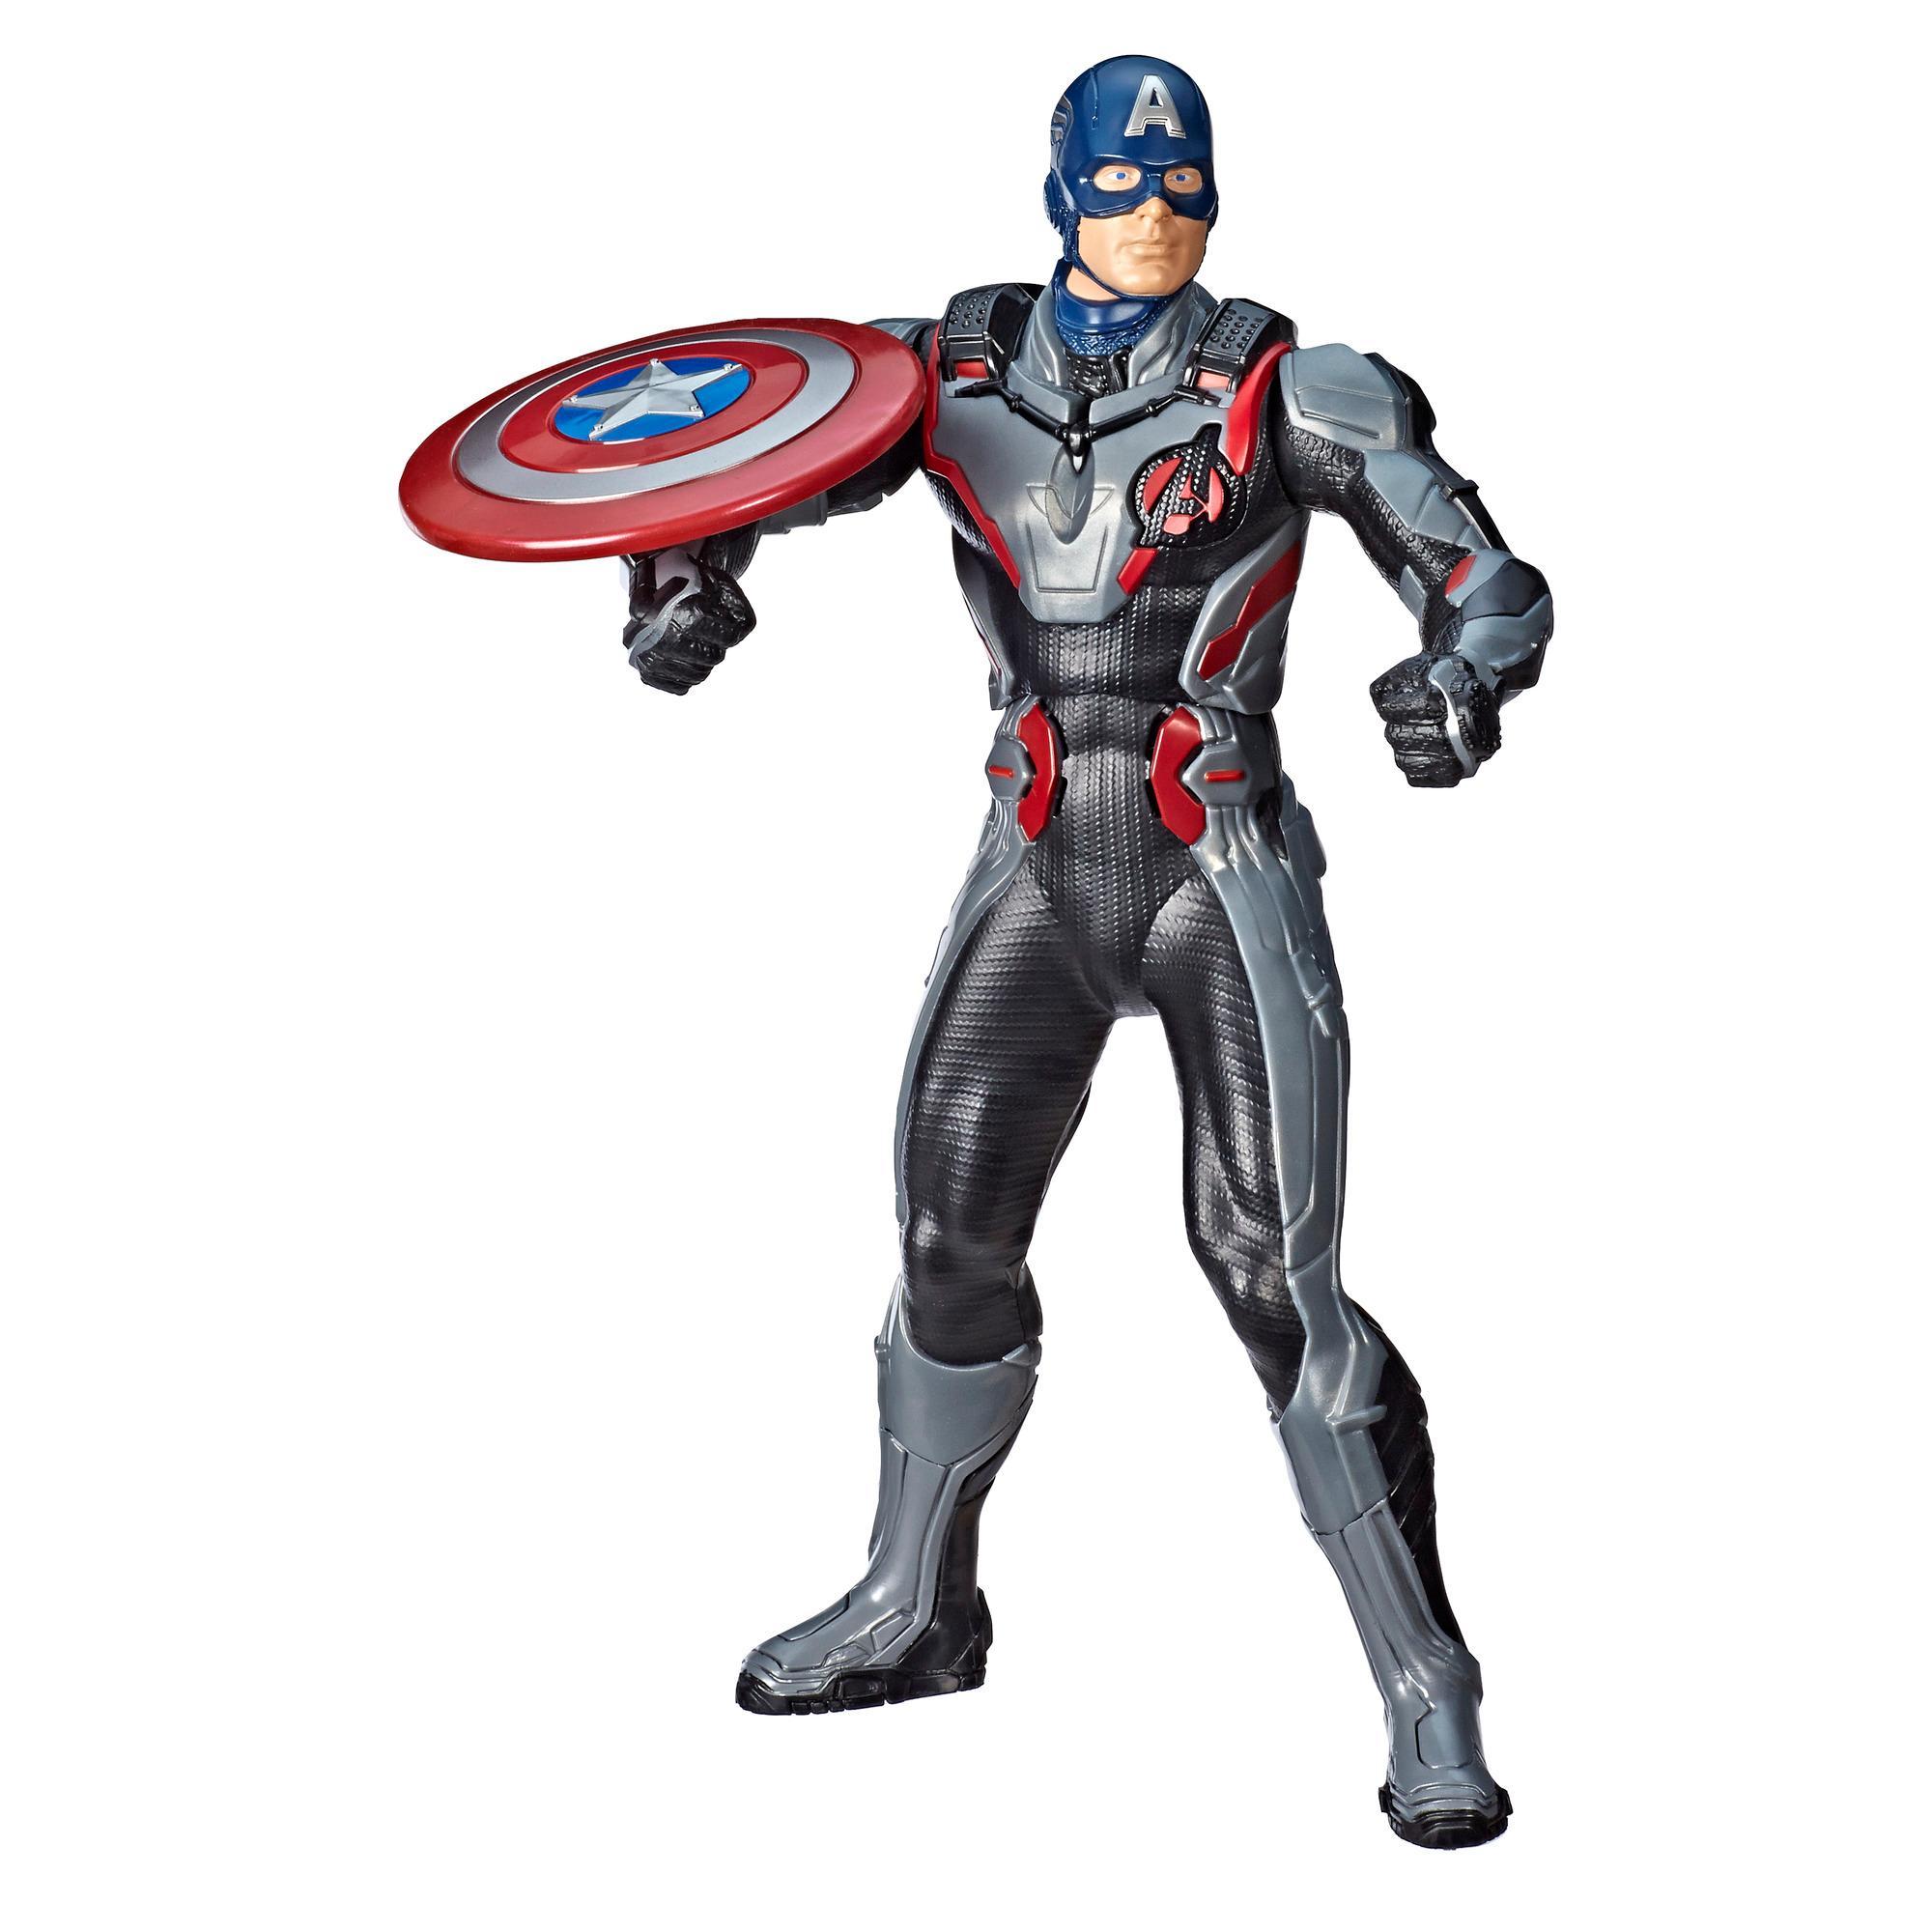 Marvel Avengers - Avengers: Endgame Capitán América Impacto de escudo - Figura de Capitán América de 33 cm